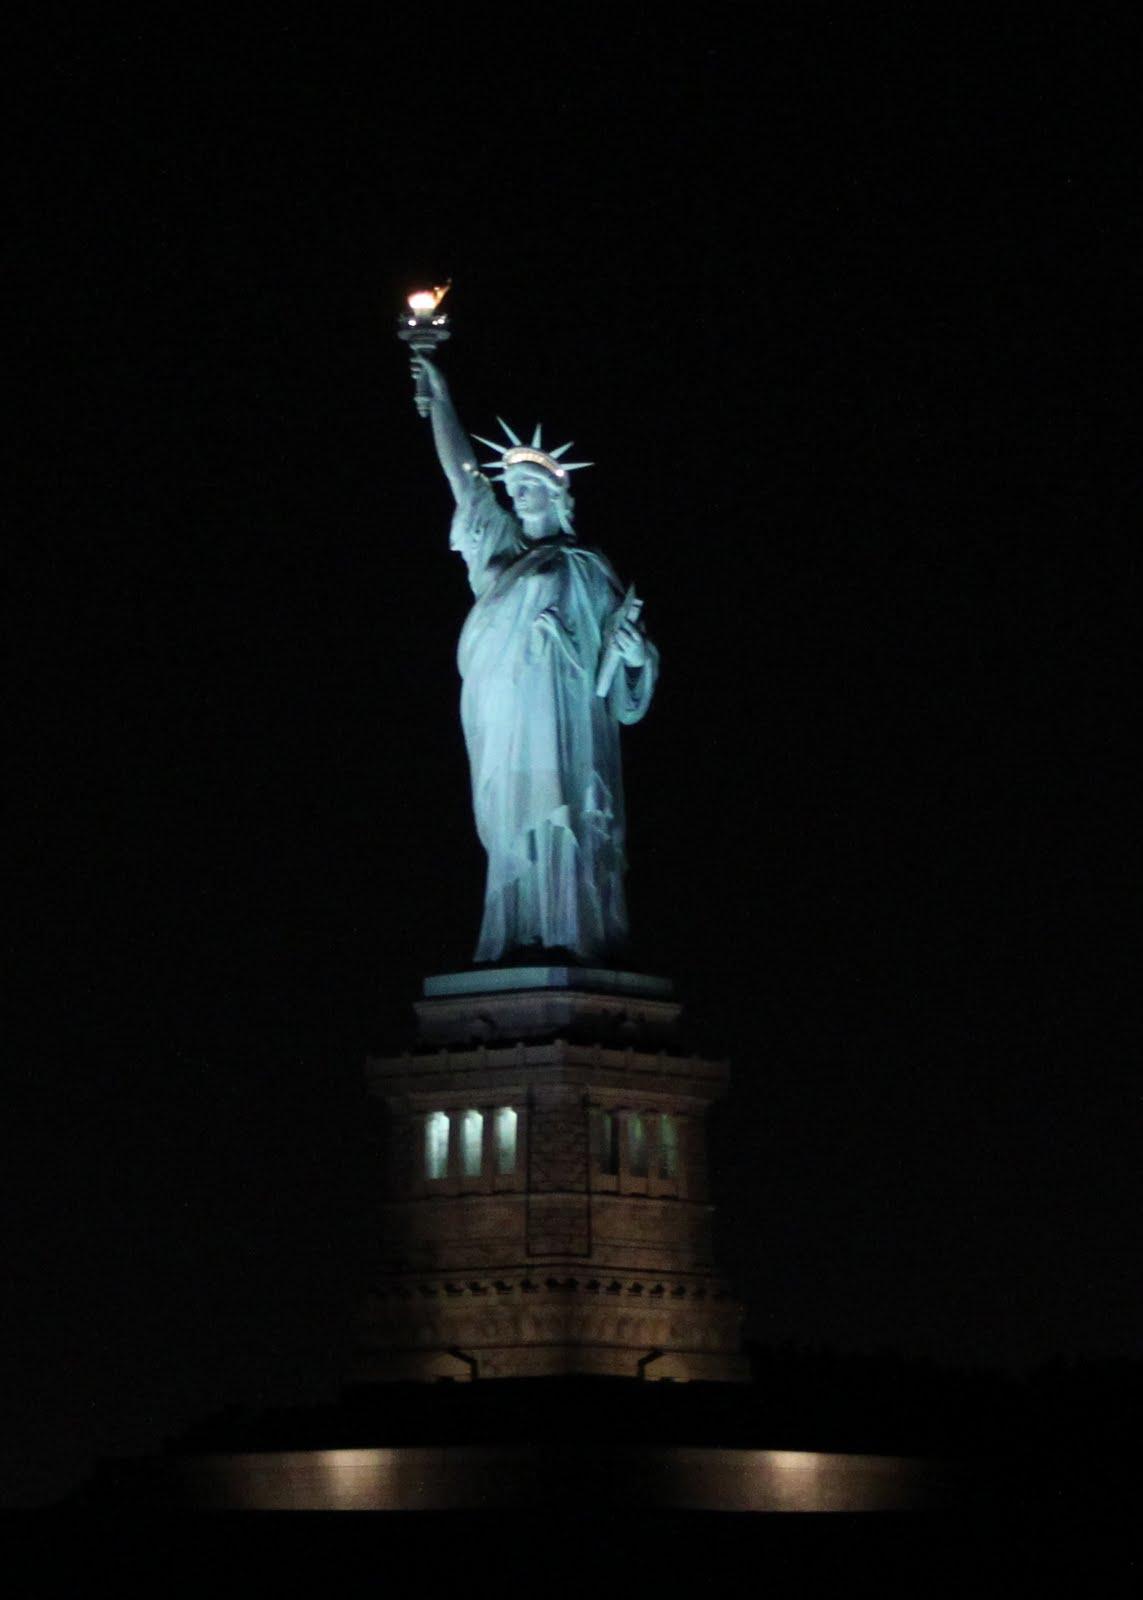 statue of liberty night - photo #33